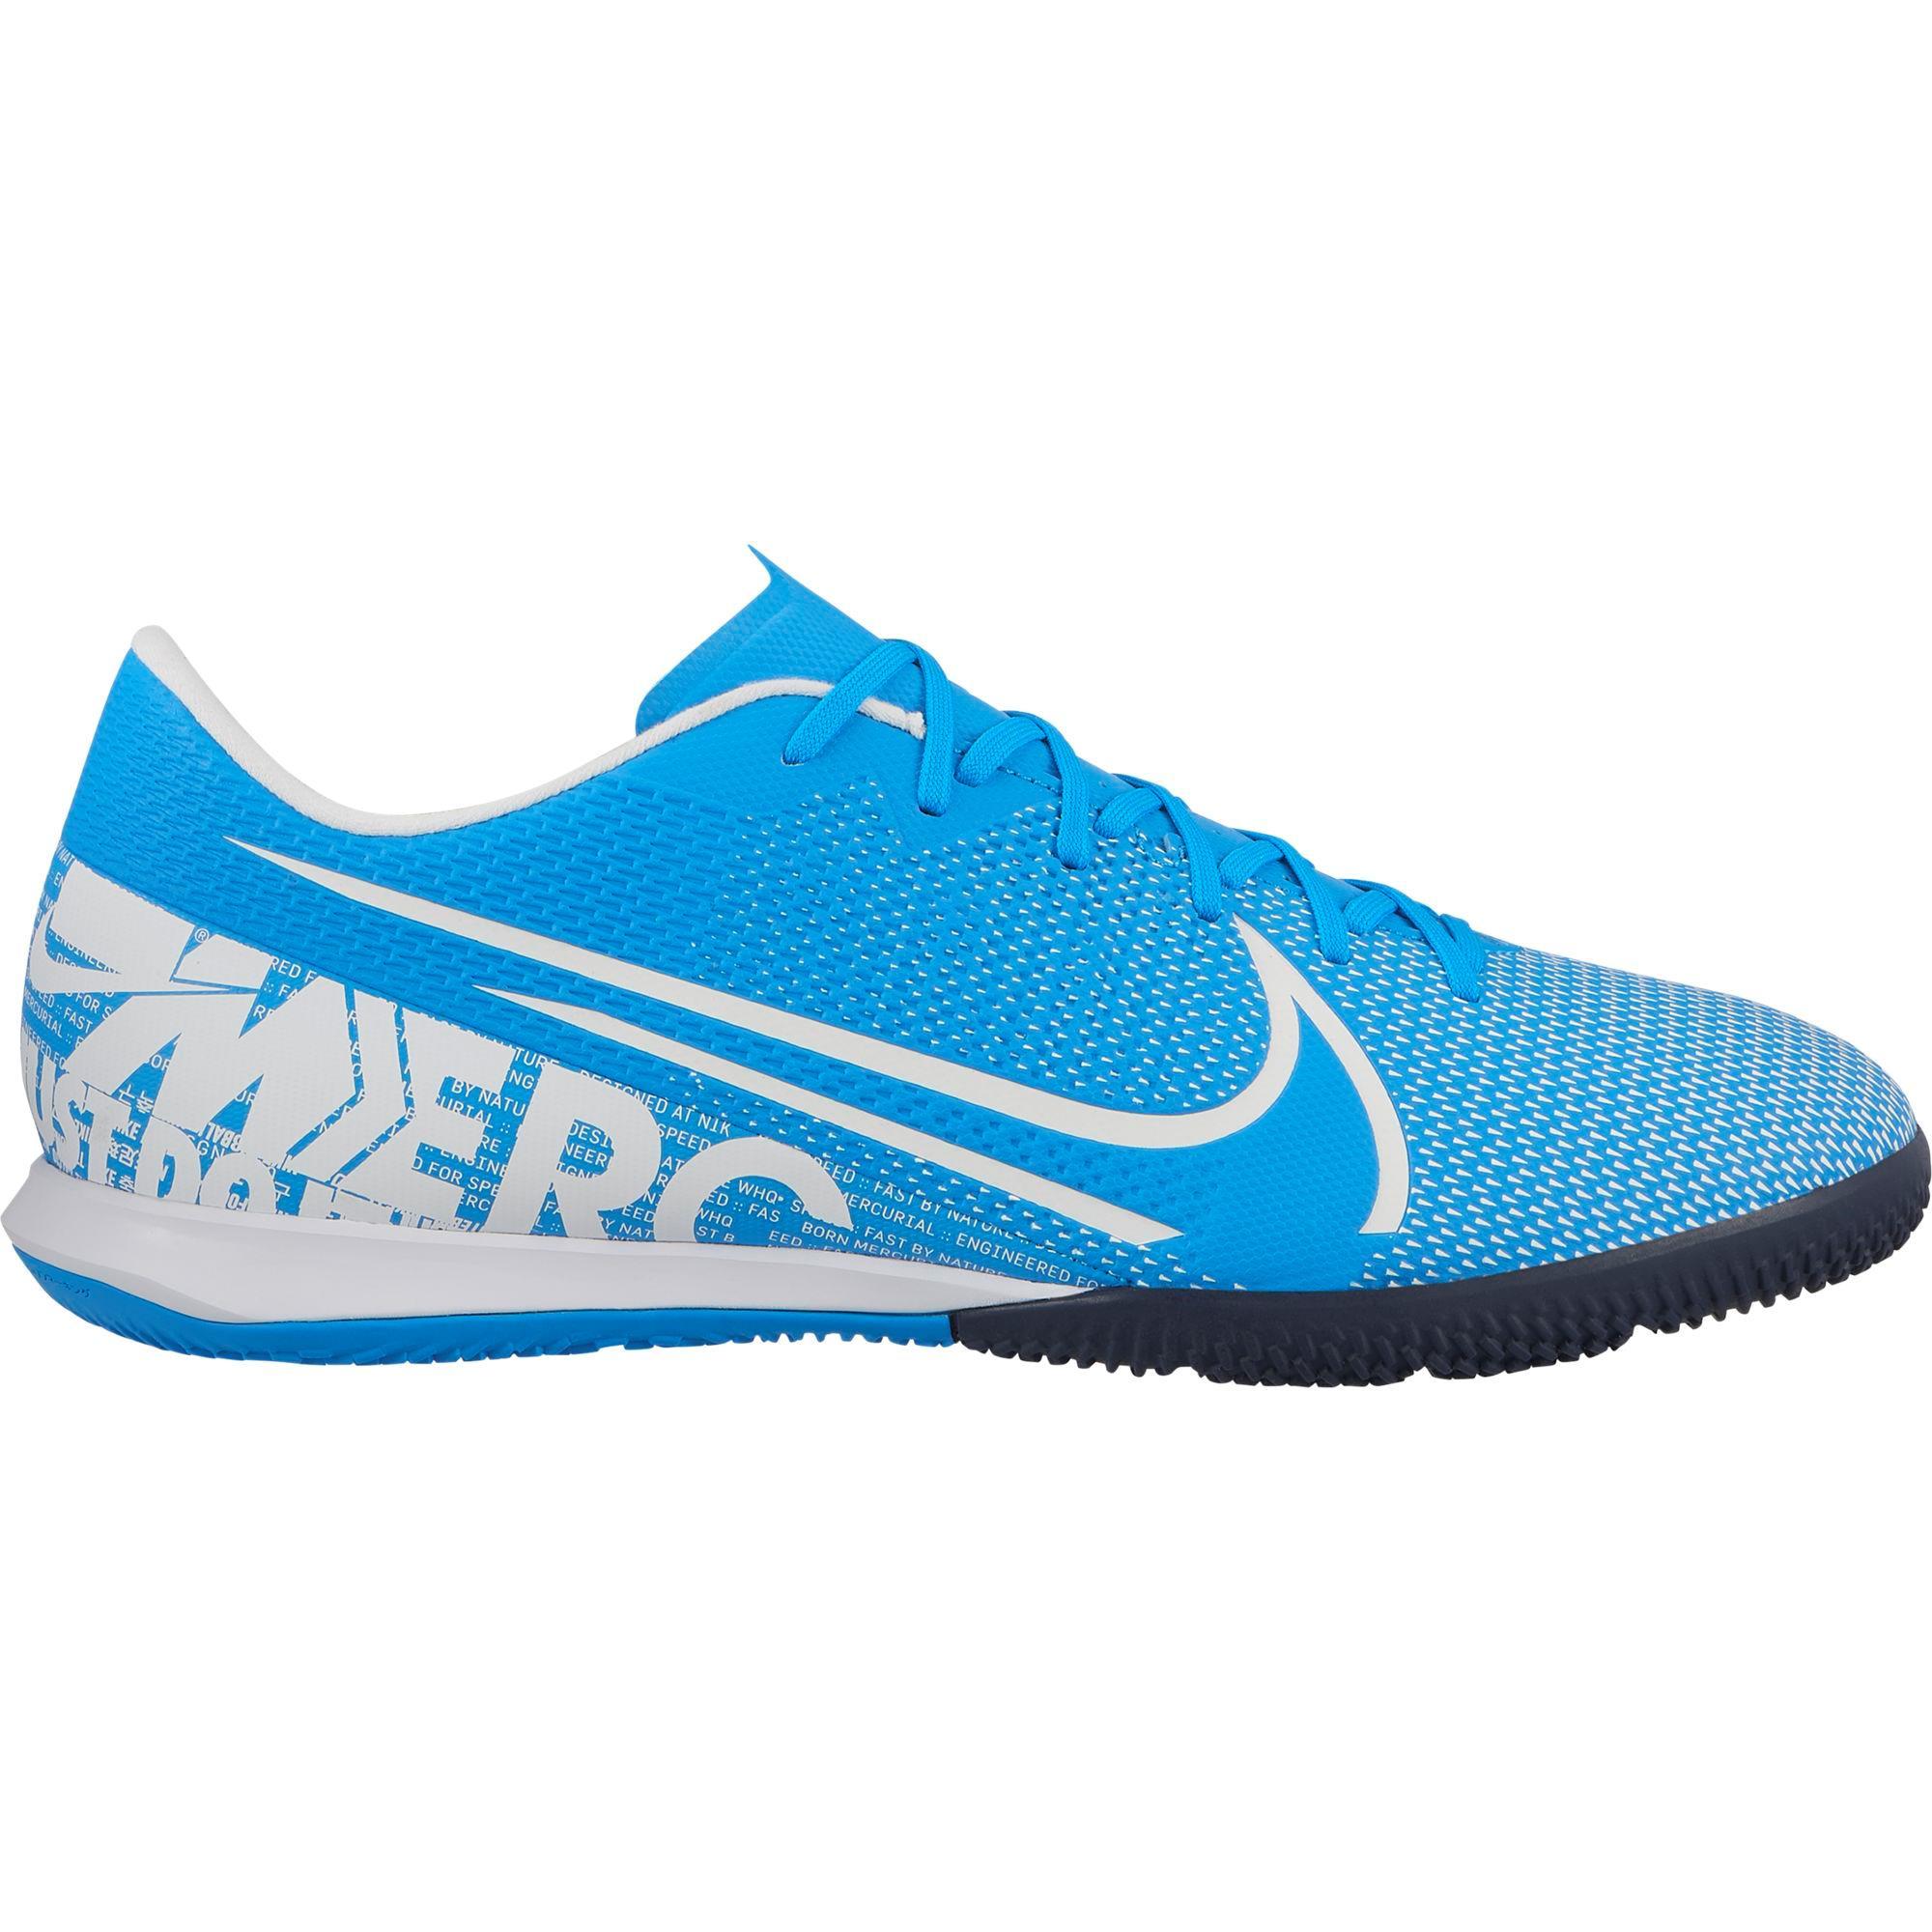 Nike Vapor 13 Academy IC indendørssko fodboldsko til mænd